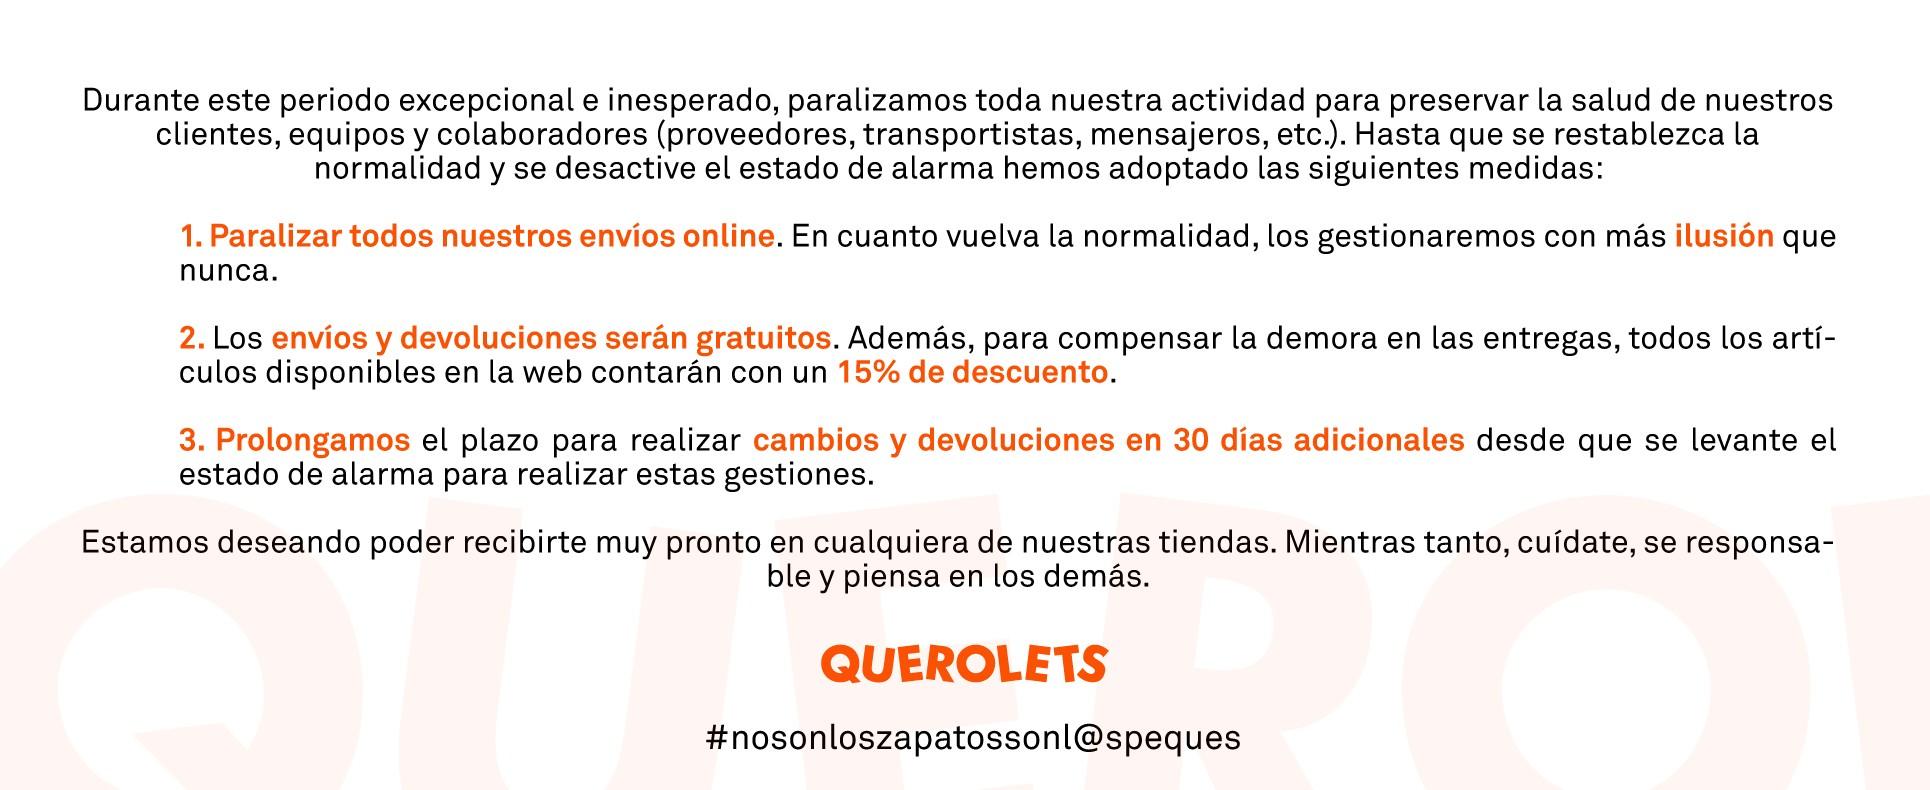 #nosonloszapatossonl@speques